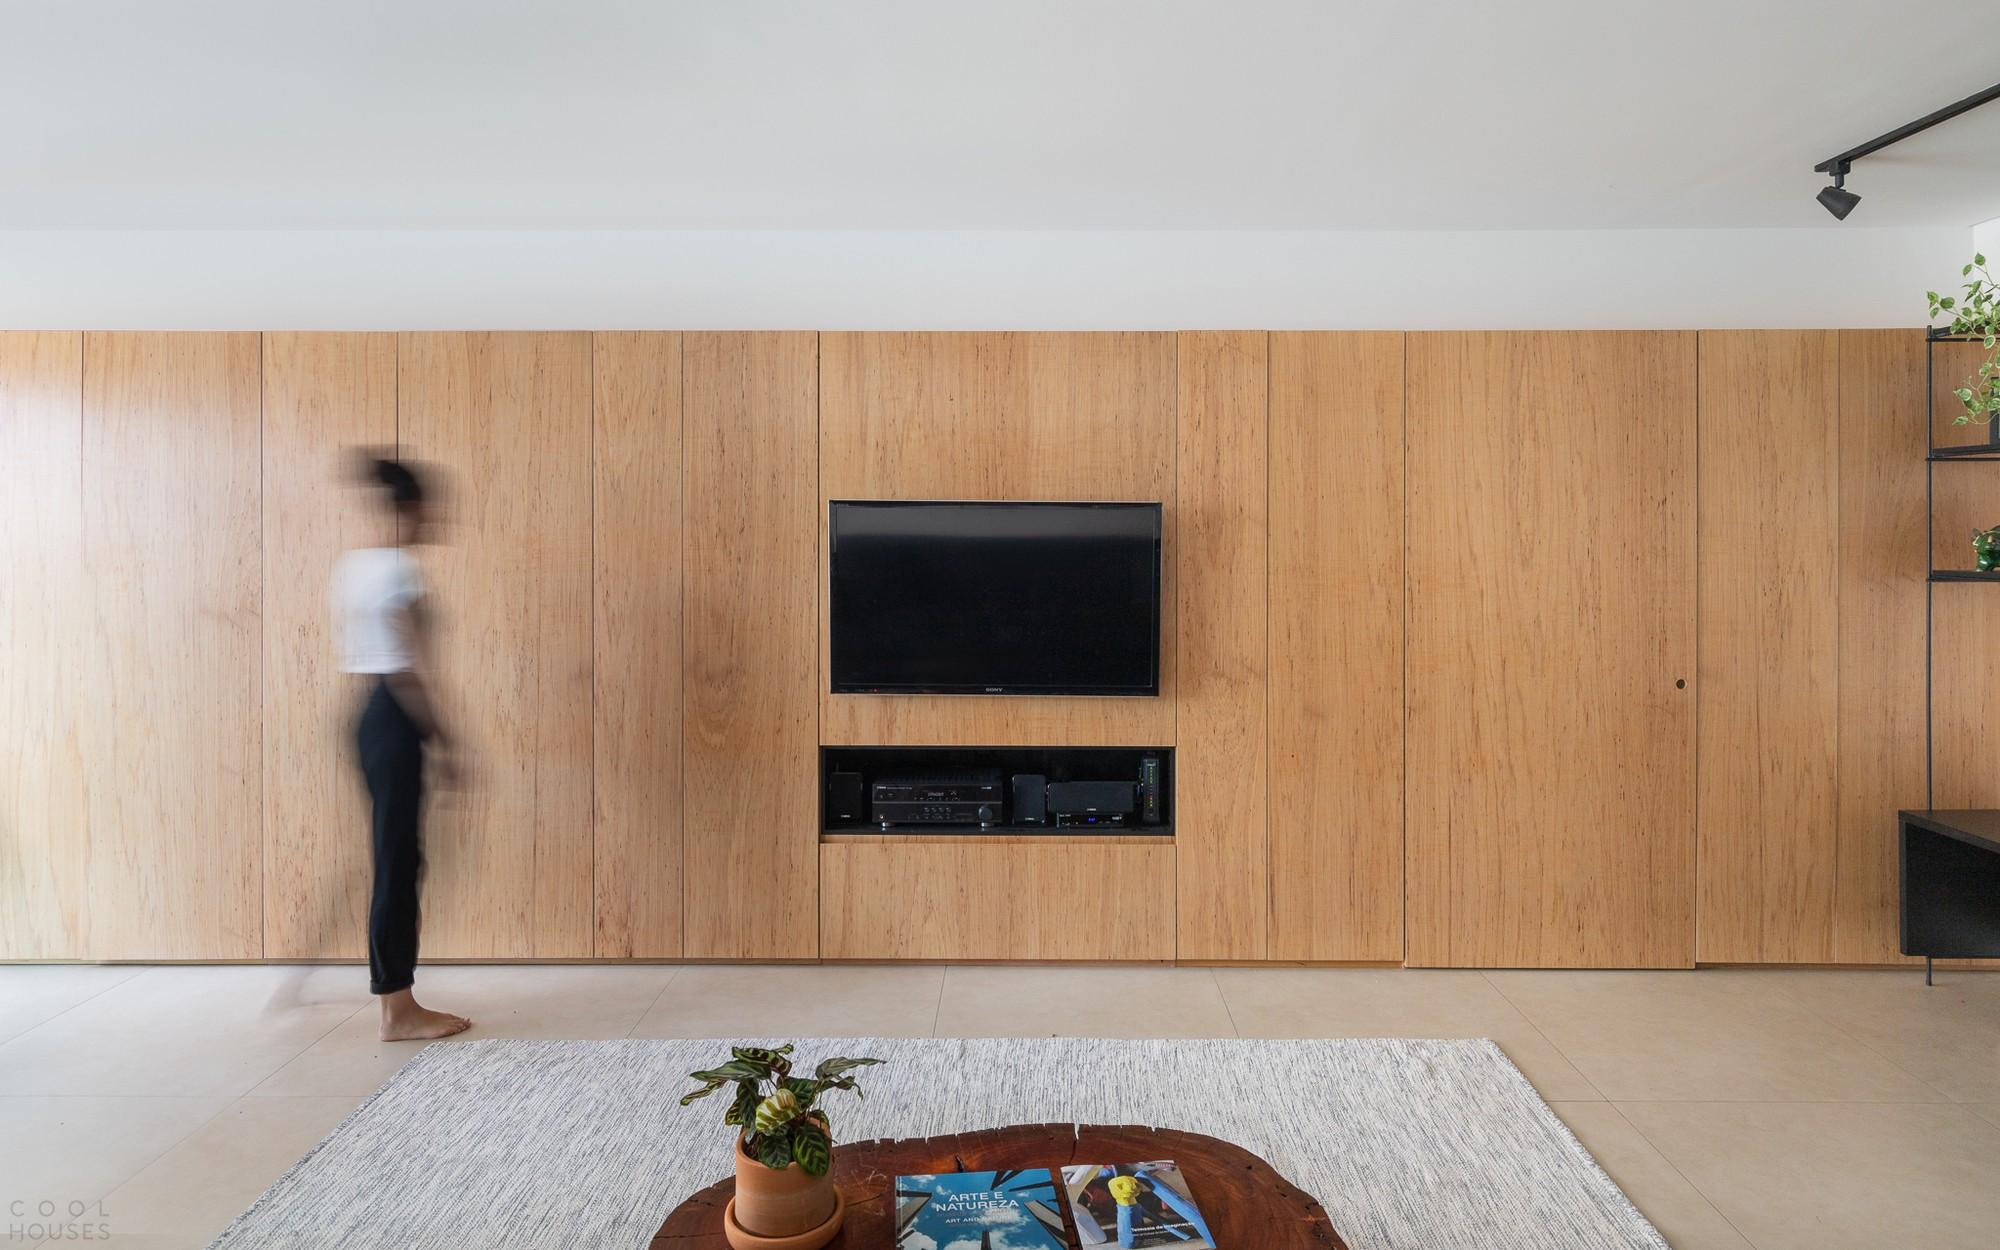 Минималистичная квартира с нестандартными дизайнерскими решениями